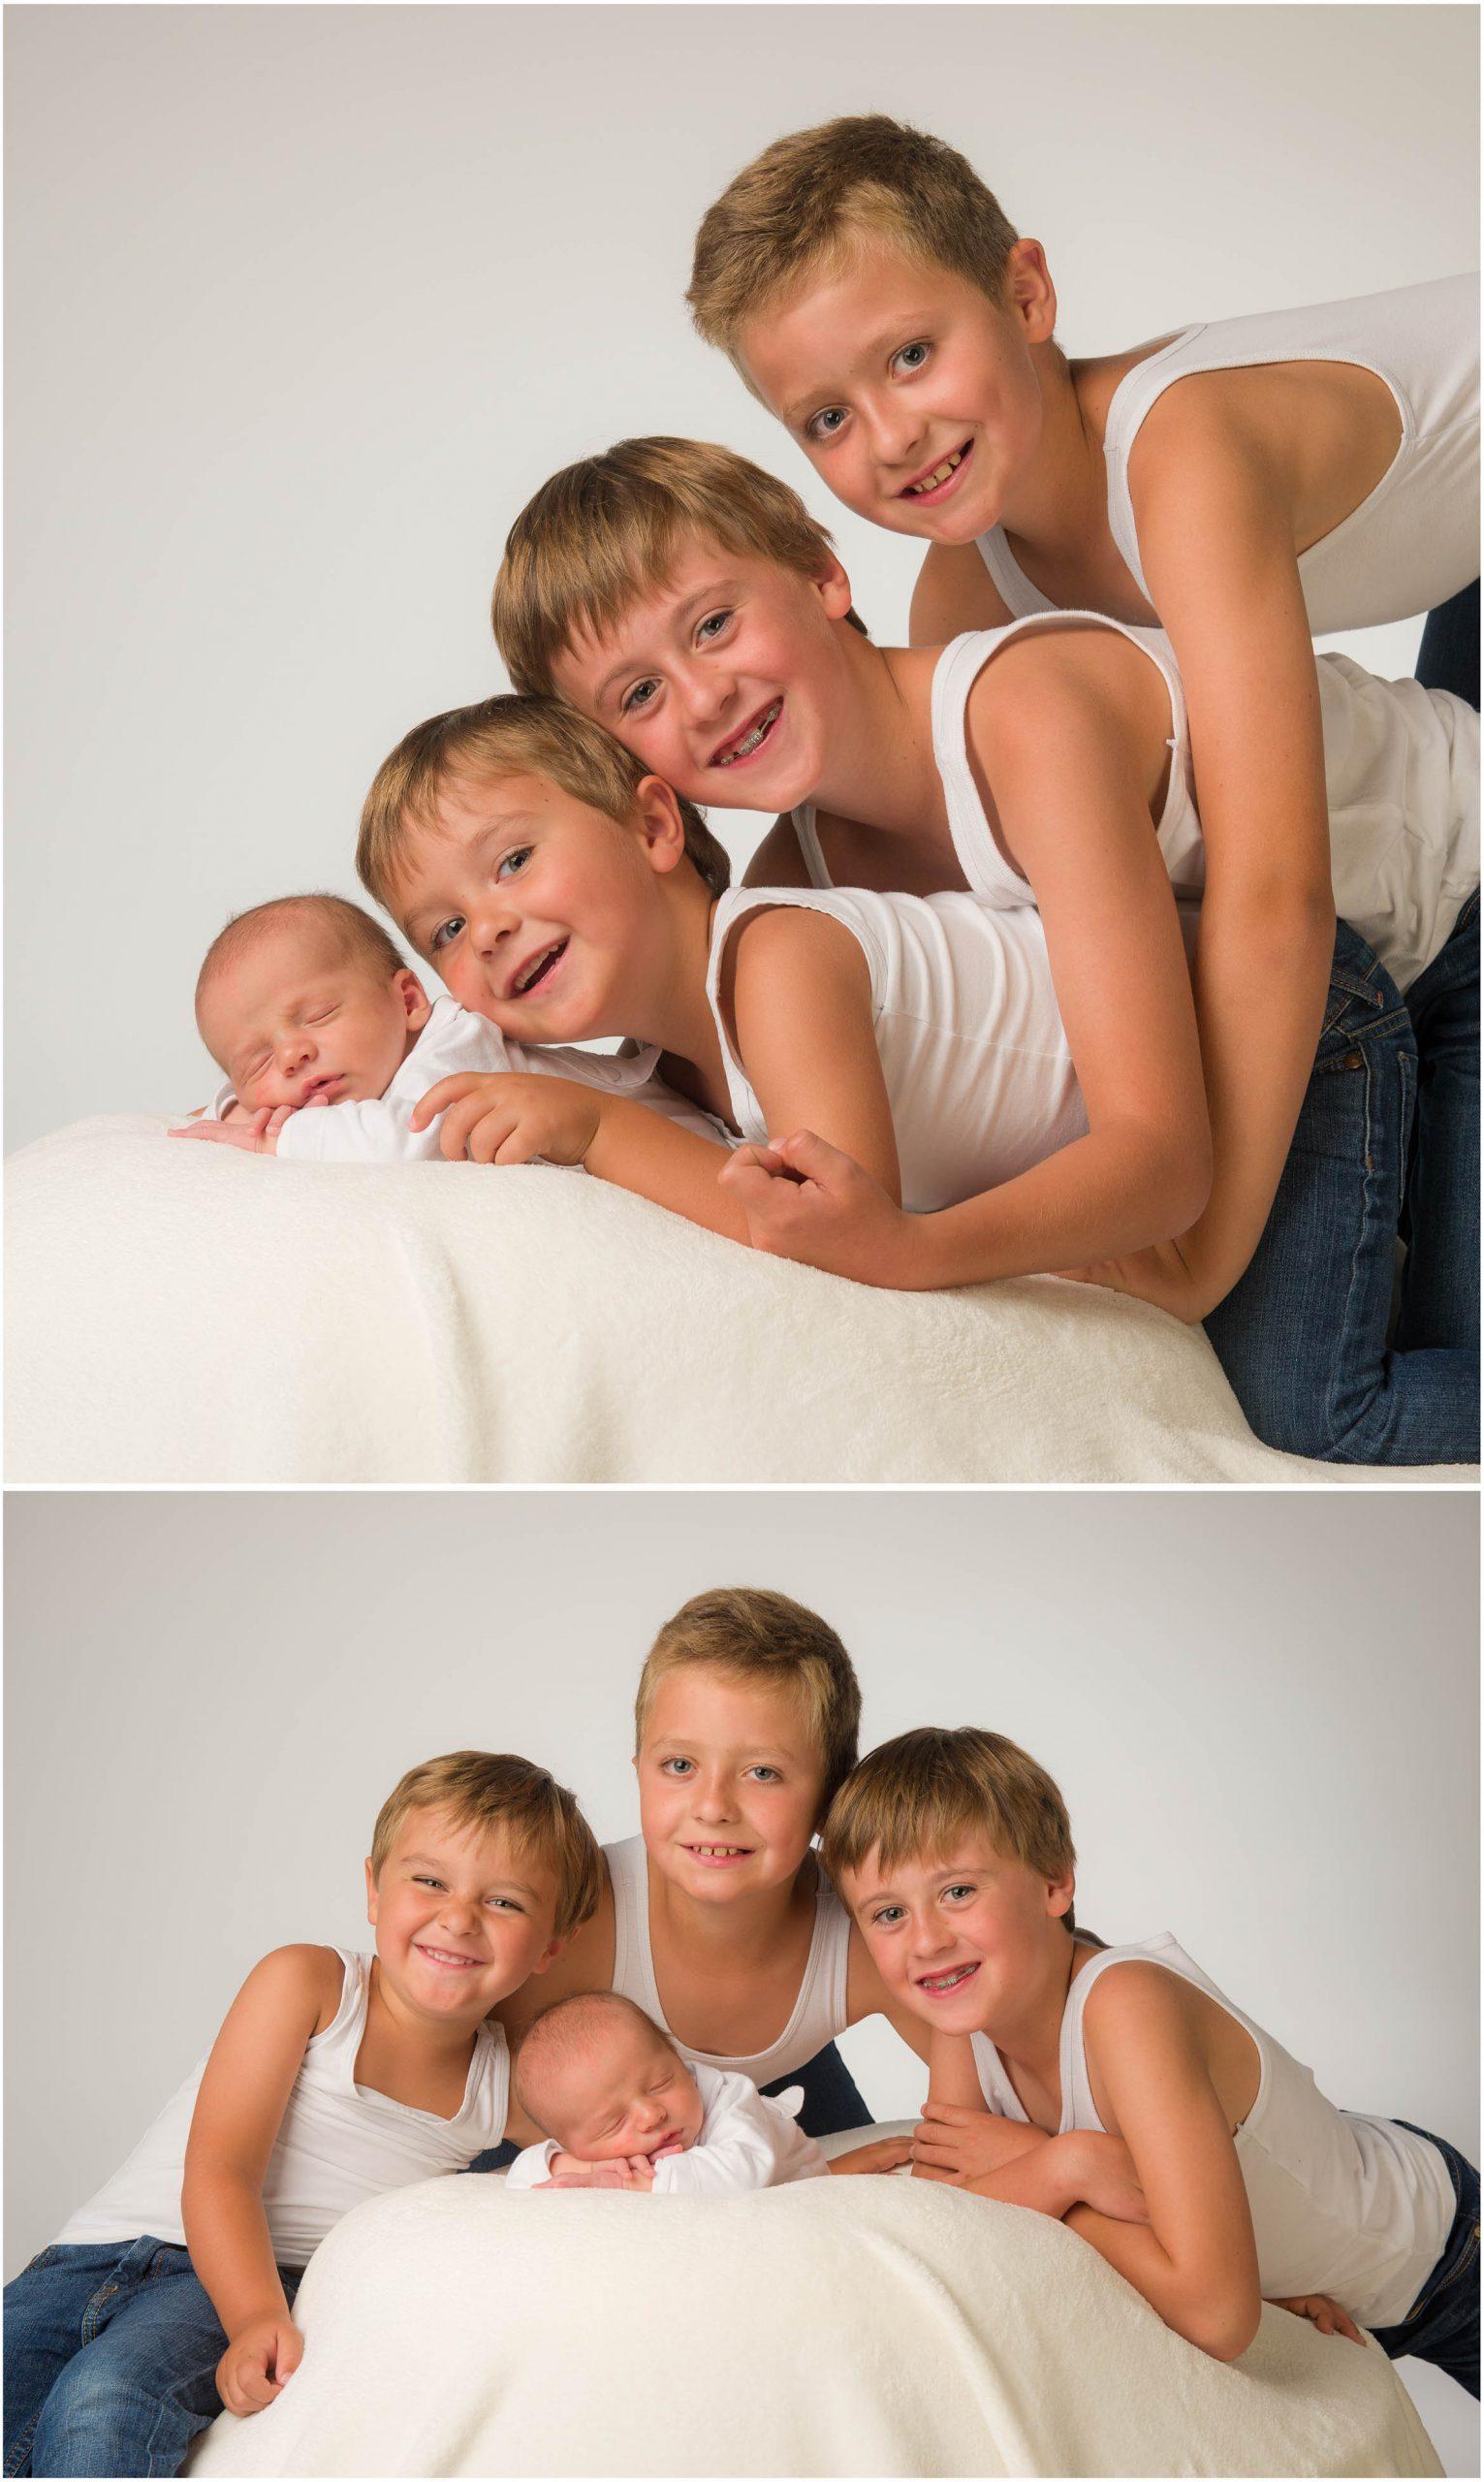 groepsfoto met baby